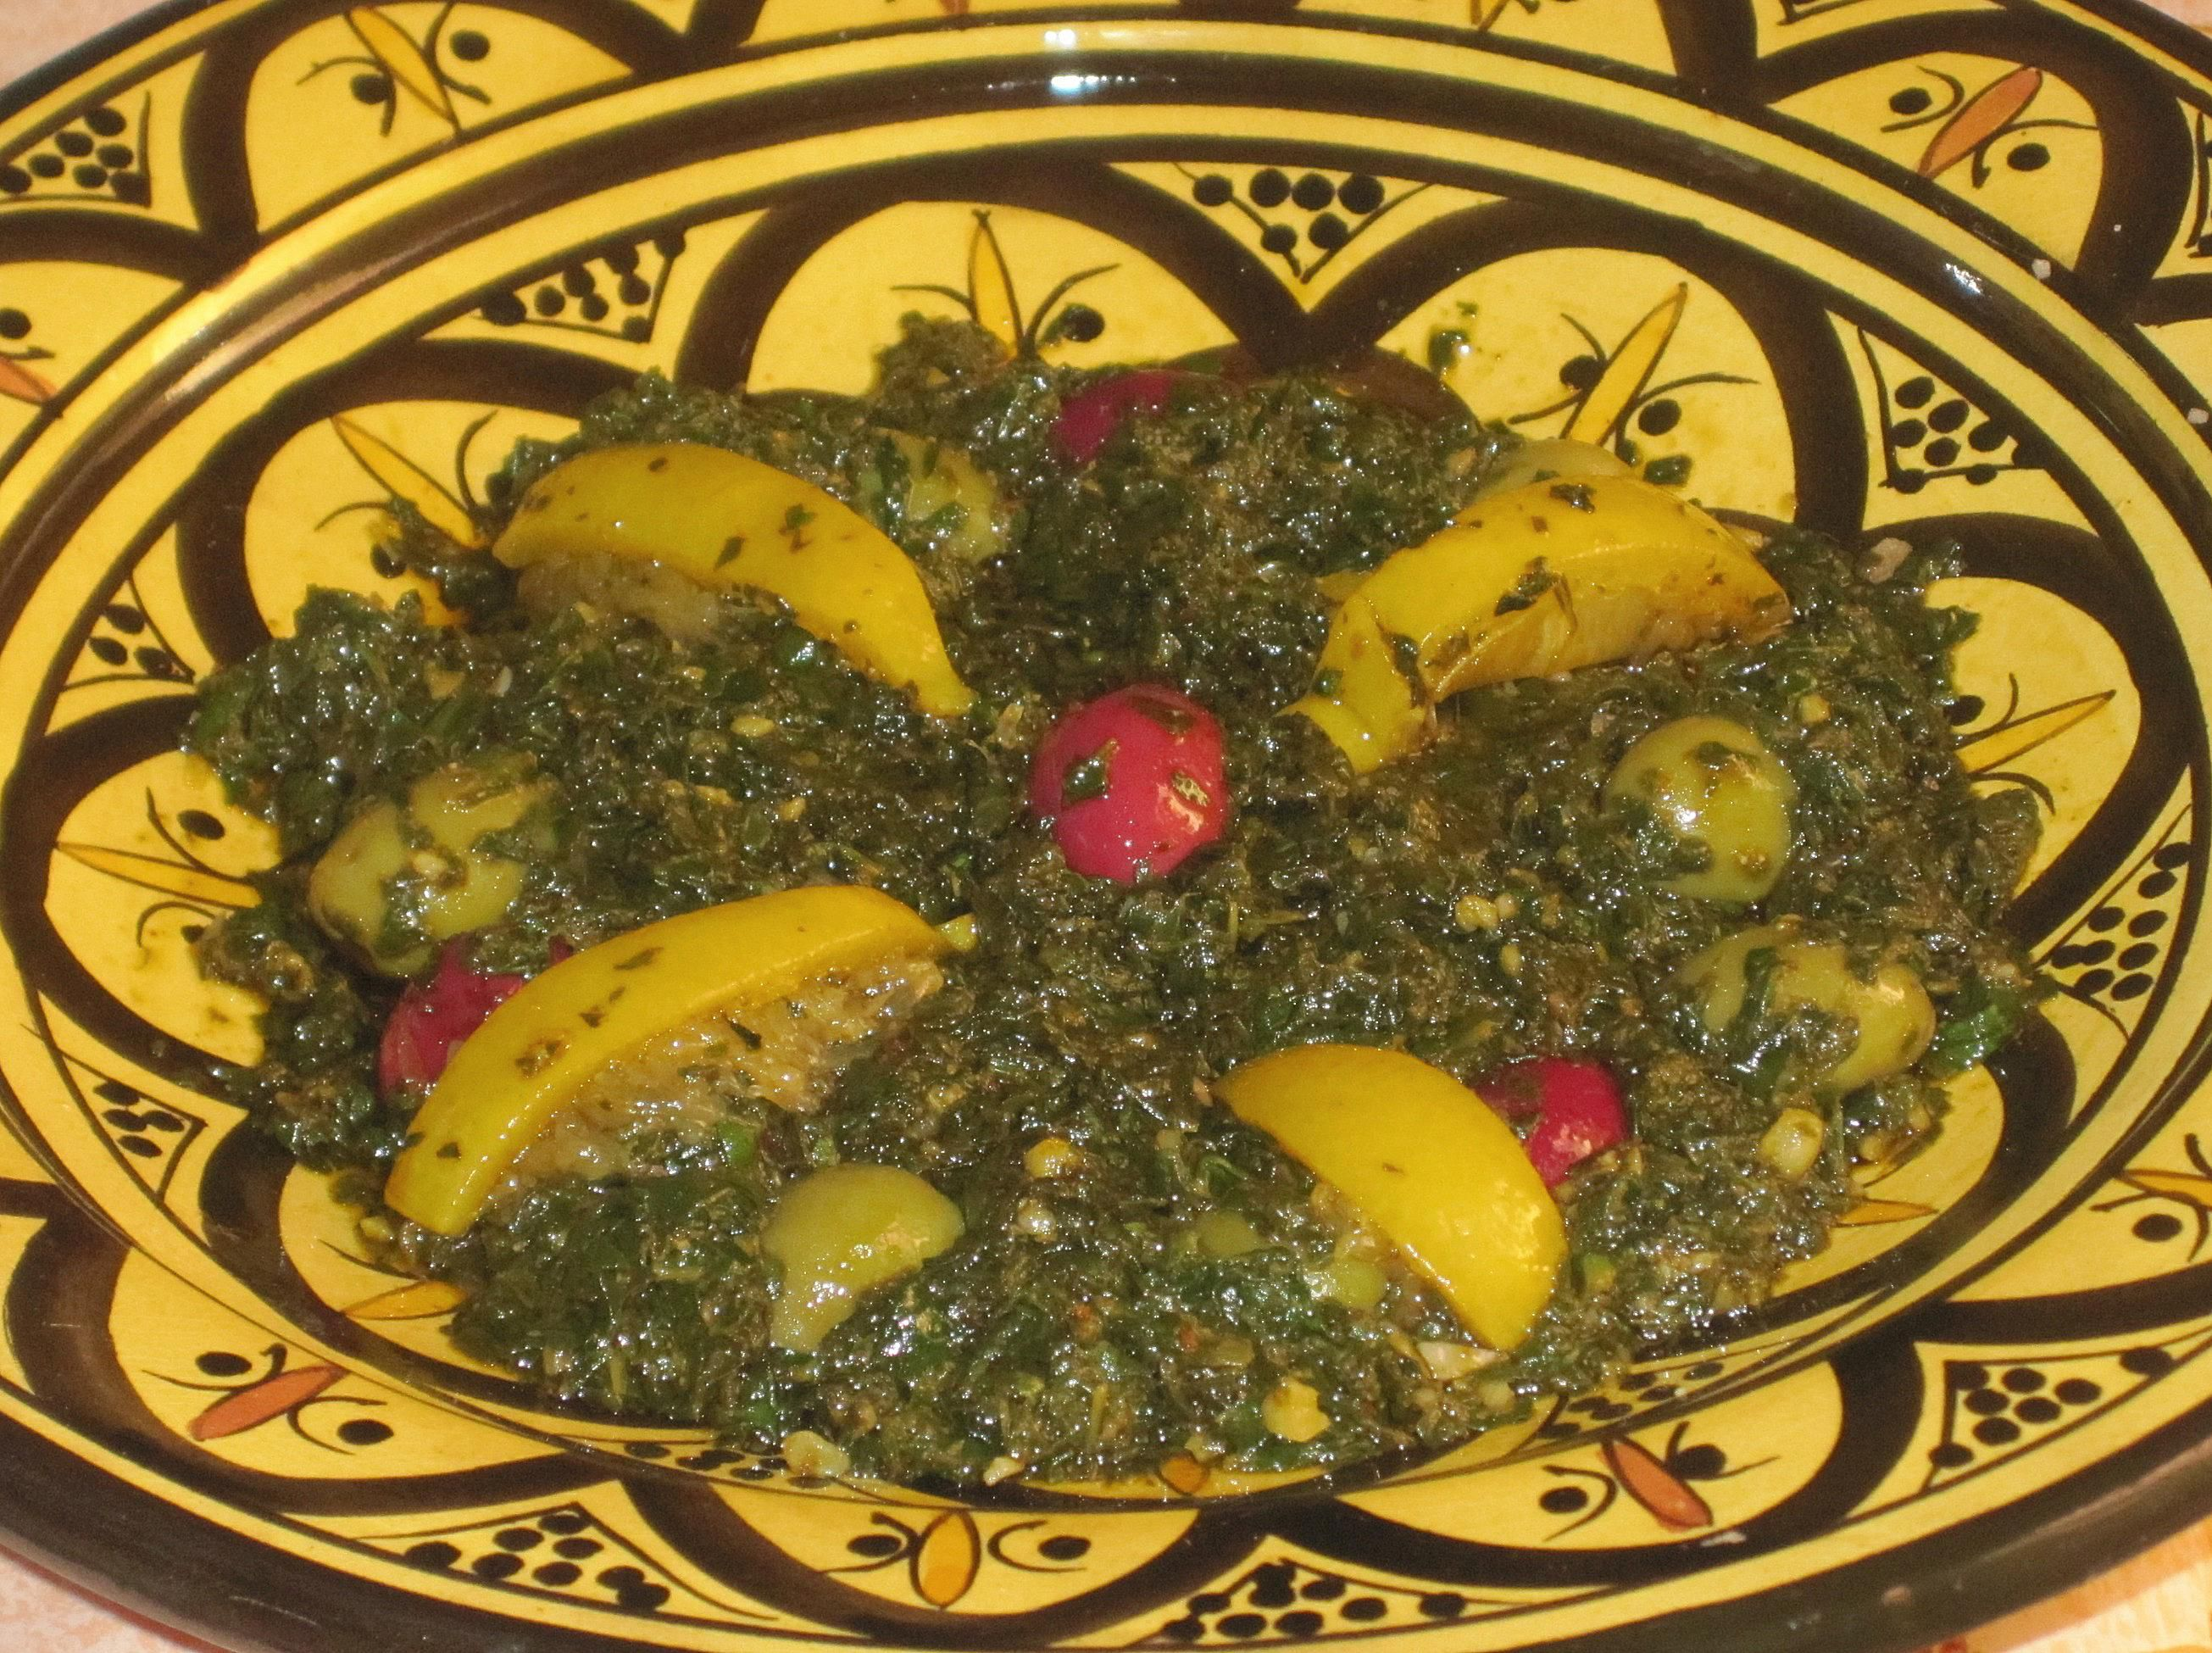 Spinach-Salad-4000-x-3000.jpg